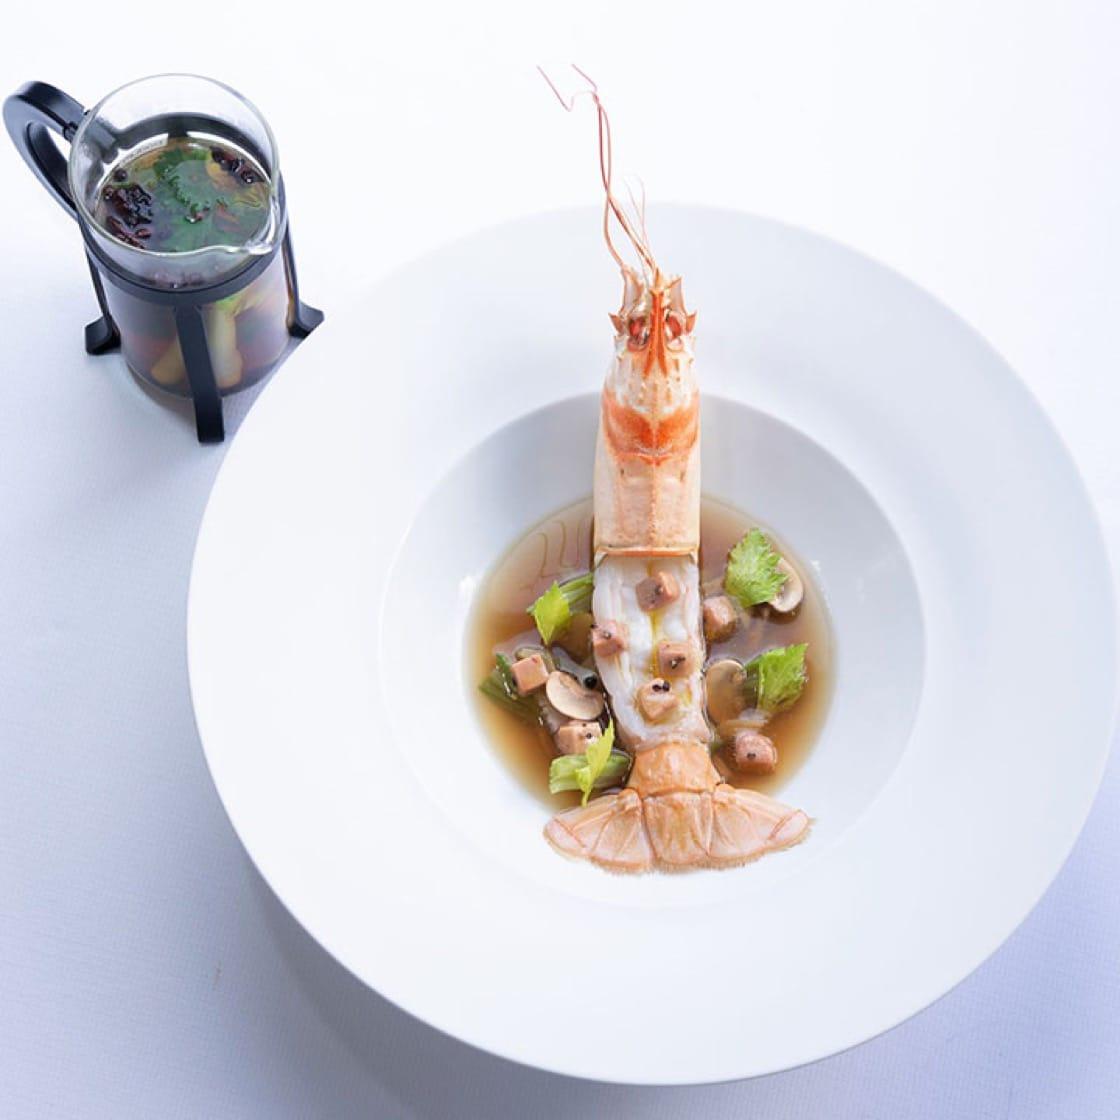 巨型生海螯虾搭配鹅肝与时令蔬菜。 (图片:Laurence Mouton提供)